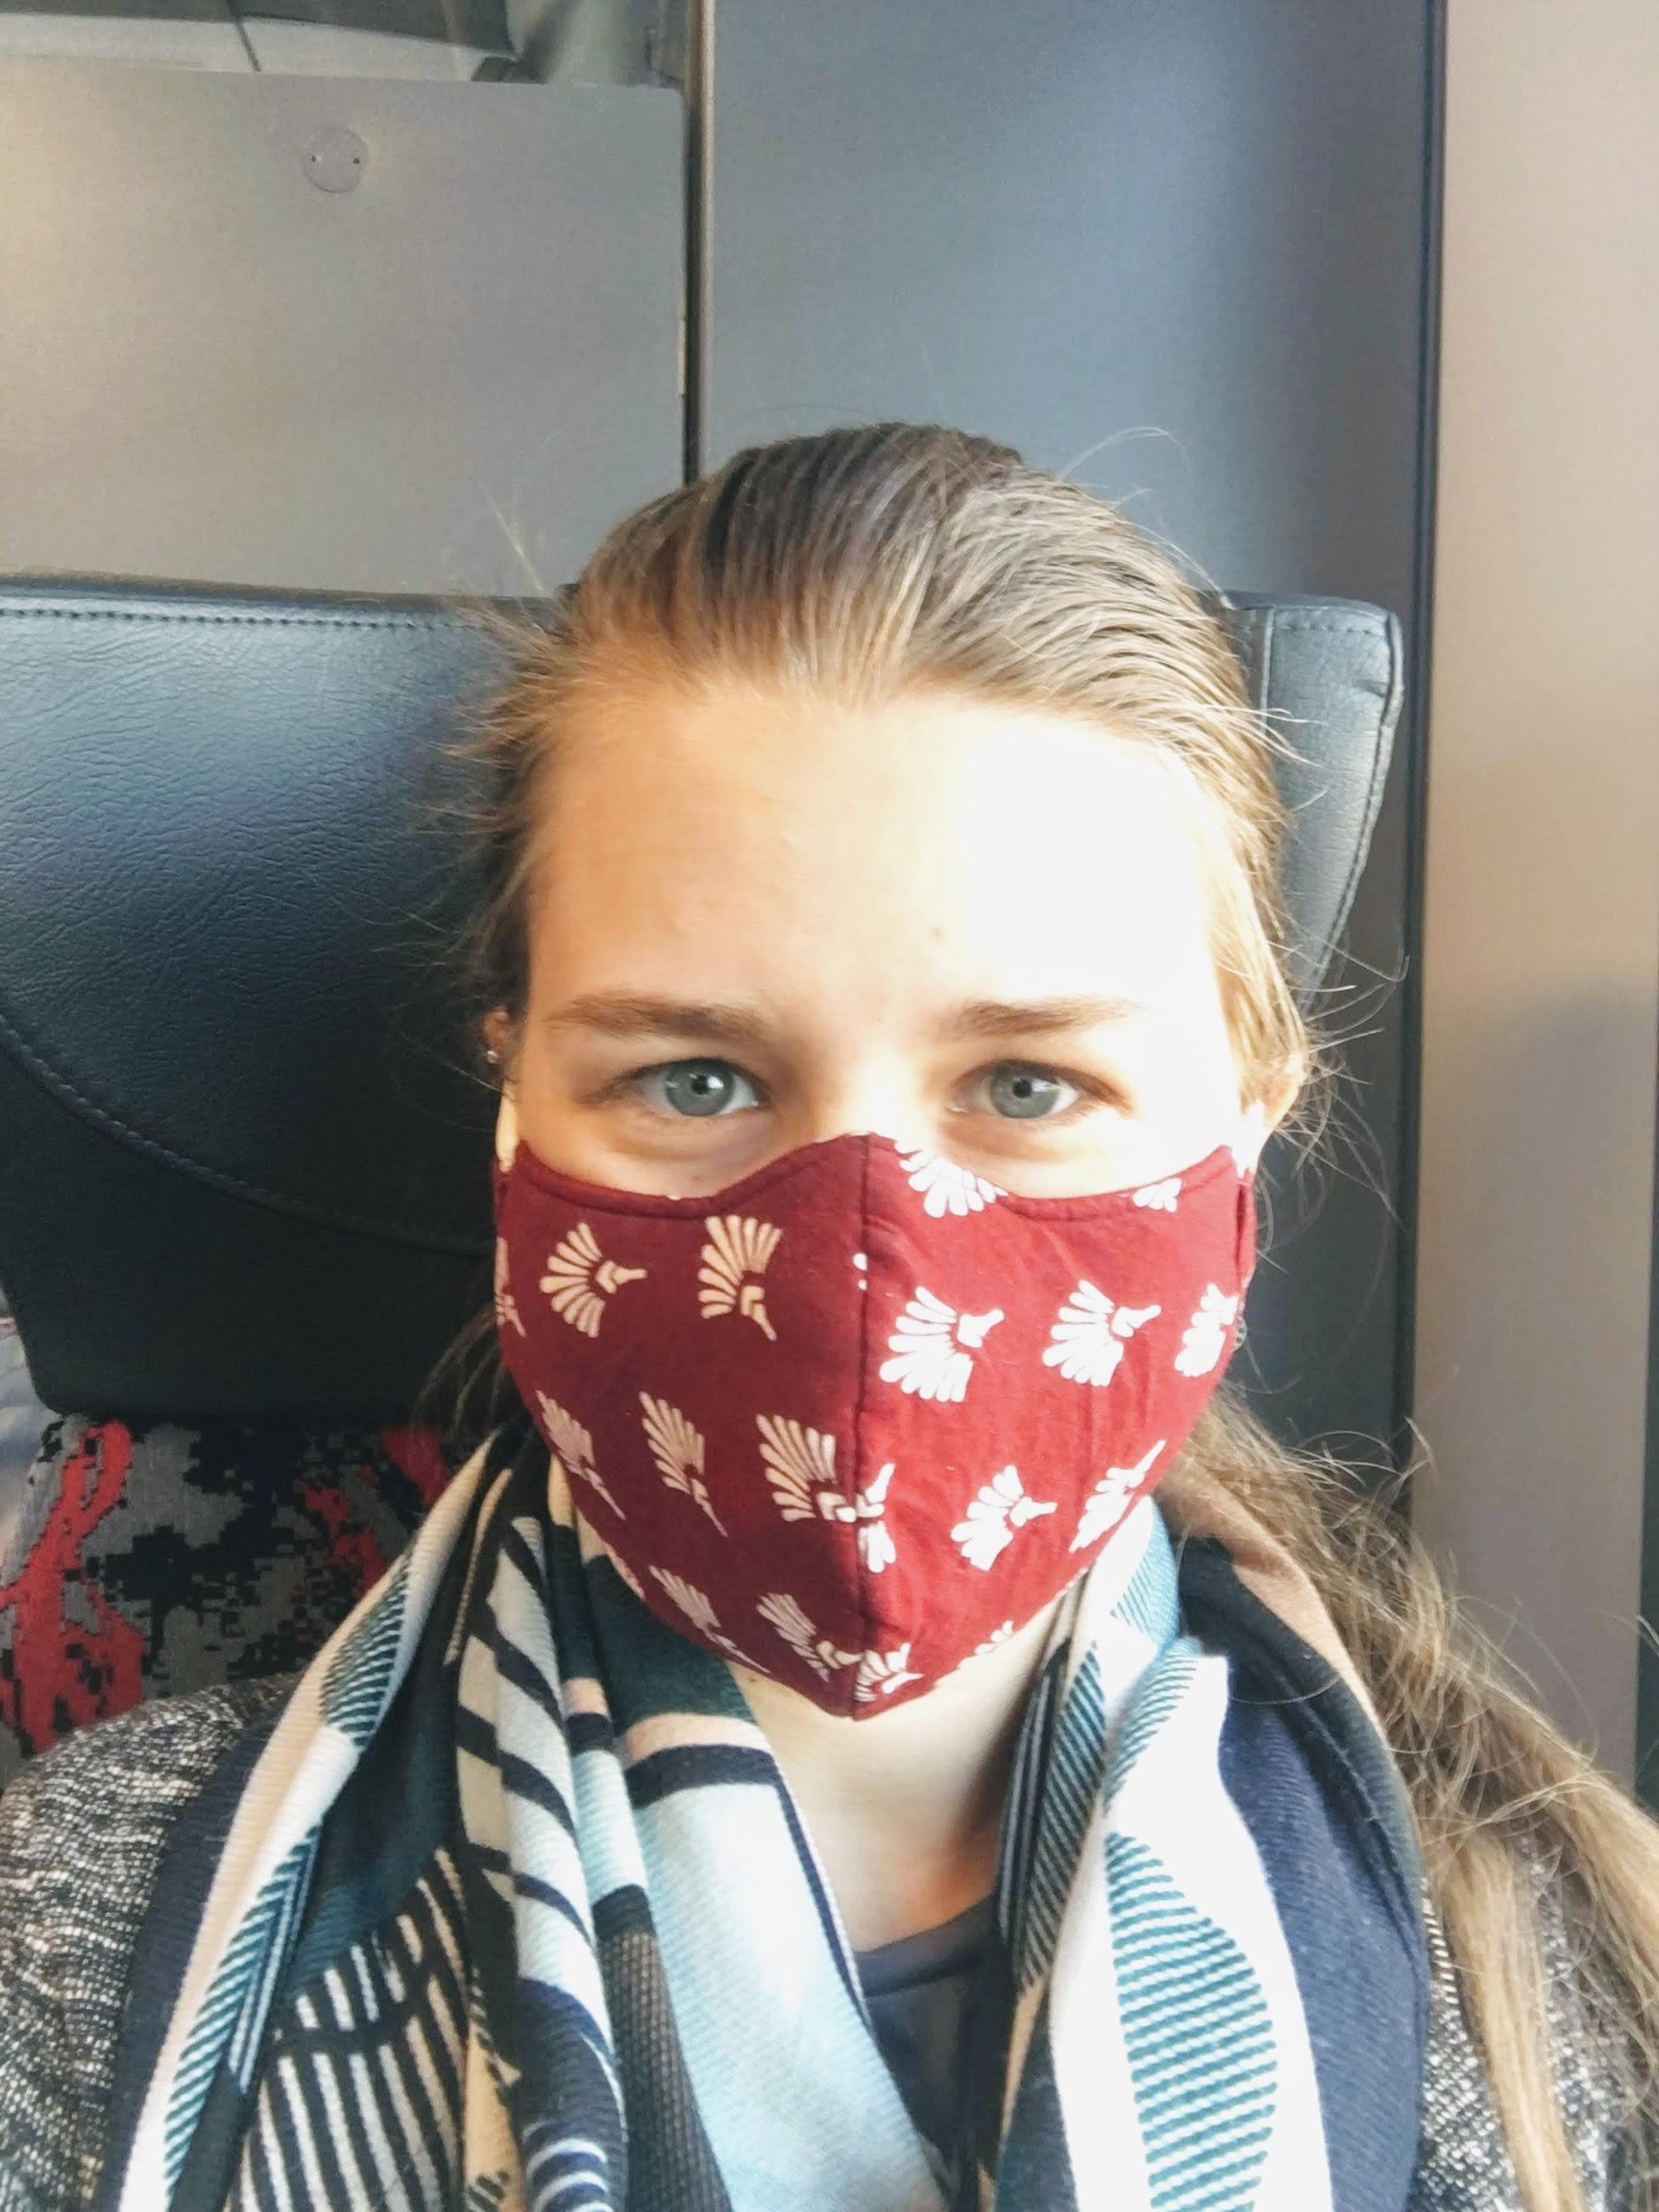 face mask covid-19 corona virus train